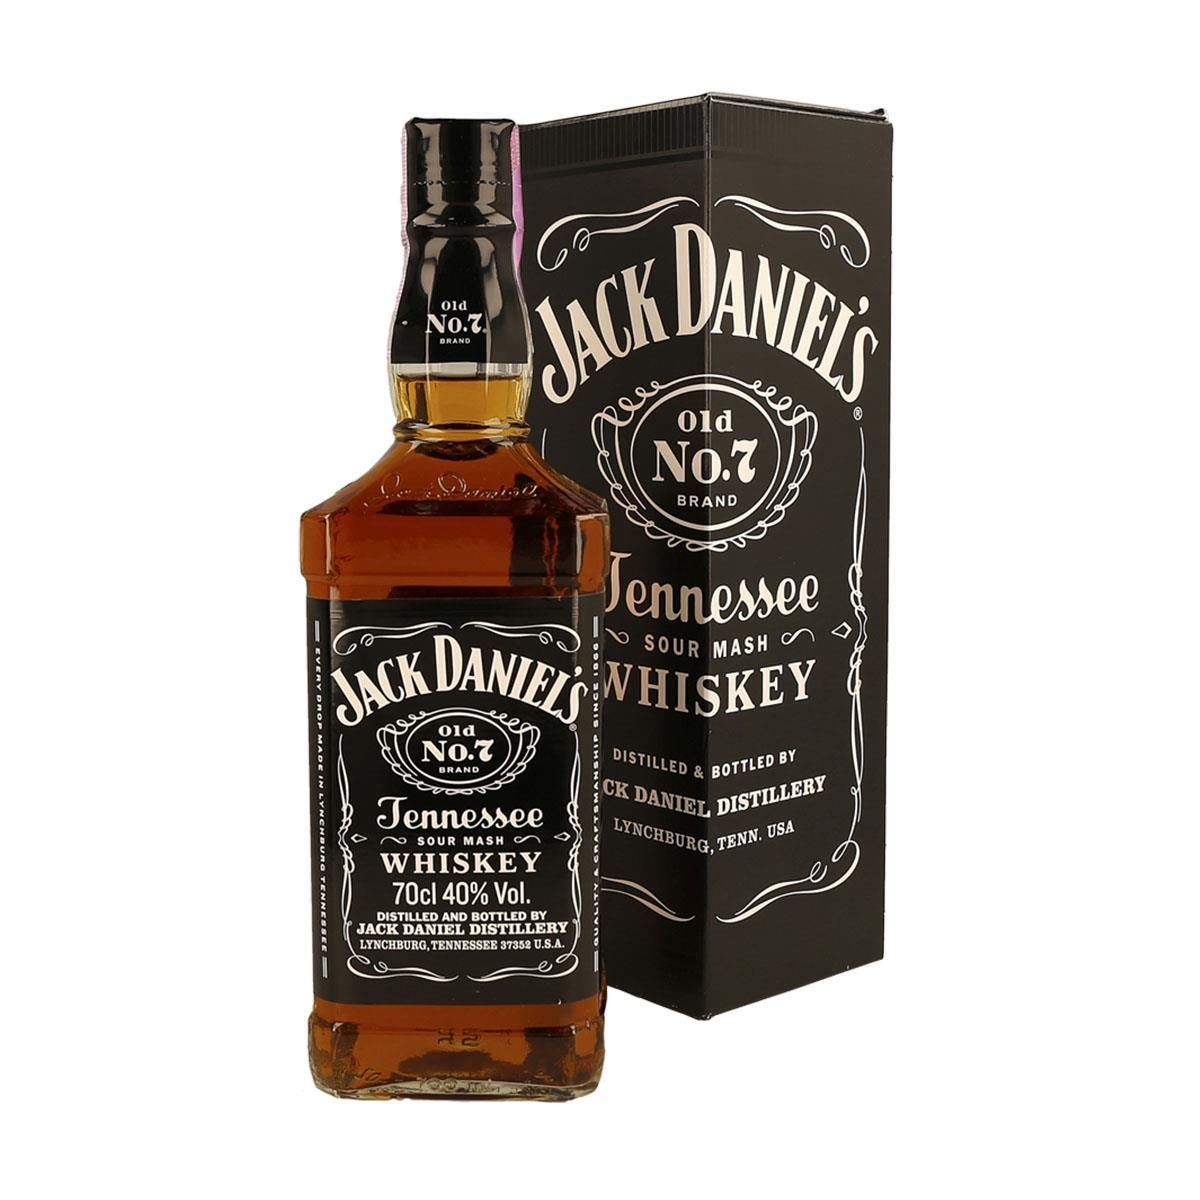 WHISKY JACK DANIEL'S OLD Nº 7 TENNESSEE 1 LT